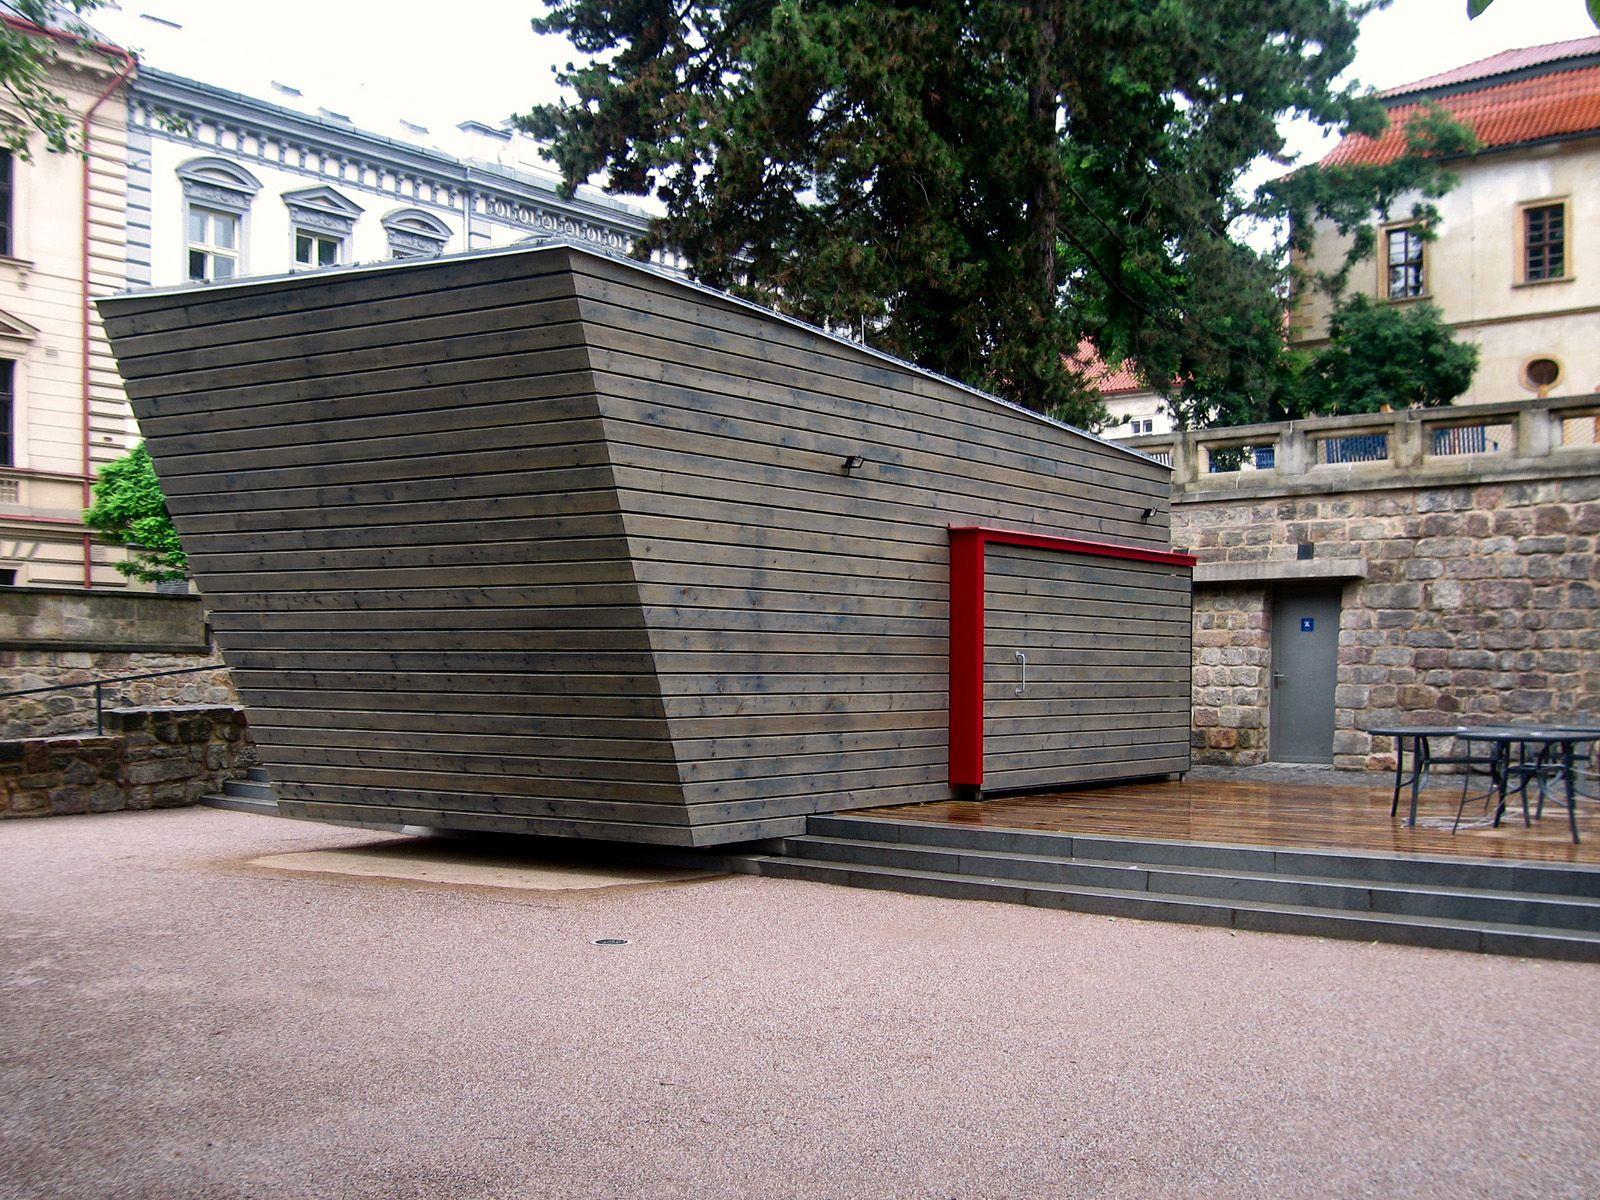 objekt v zámecké zahradě   Jičín   02